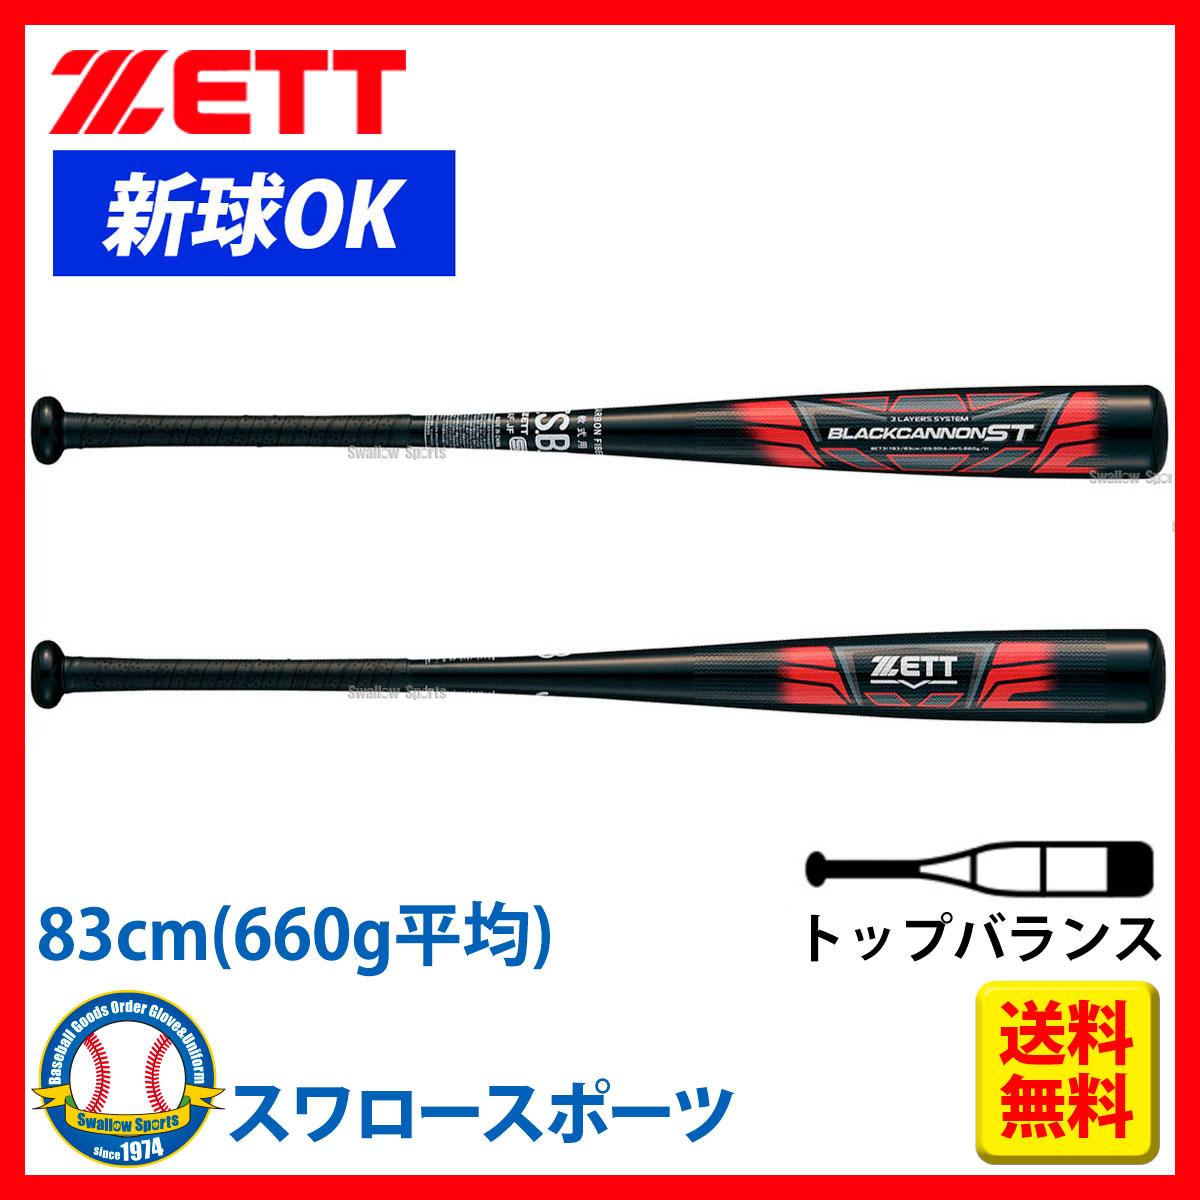 【あす楽対応】 ゼット ZETT 軟式 FRP製 バット ブラックキャノン ST BCT31783 軟式用 野球用品 スワロースポーツ 【SALE】■ftd